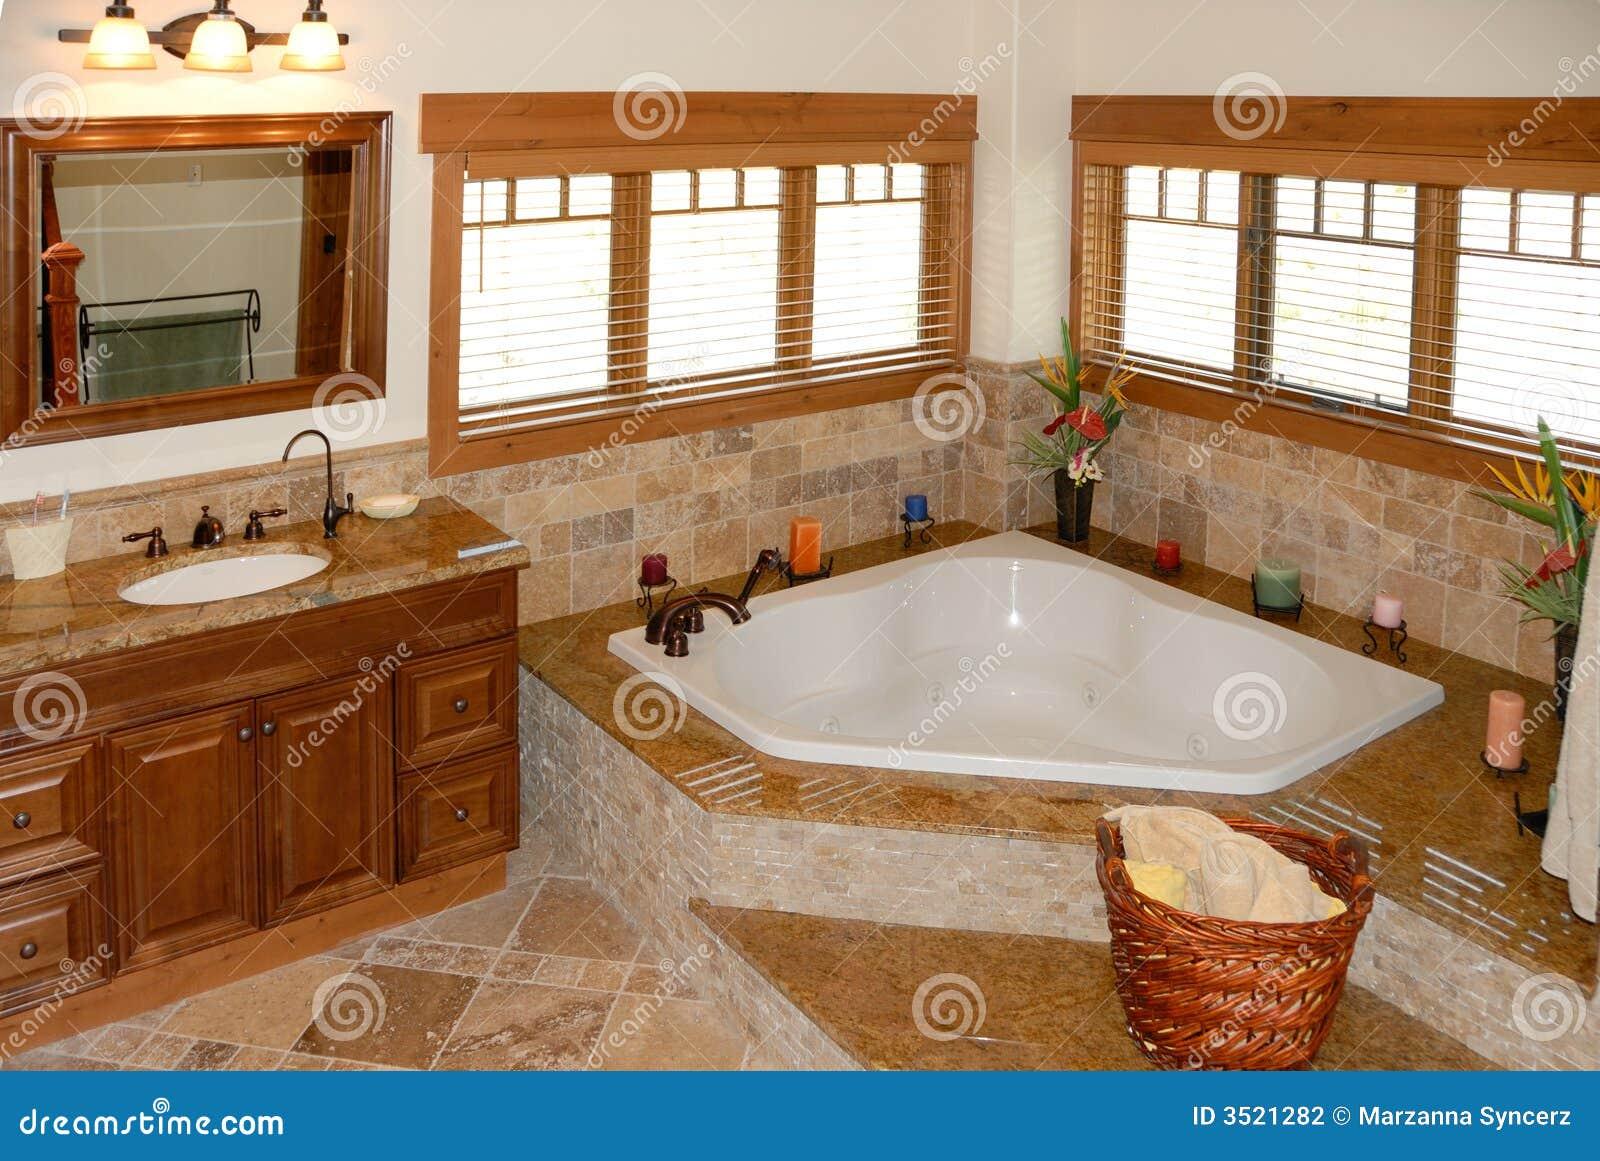 Badkamer Idee Natuur : Bathroom Mirror Cabinet for TV